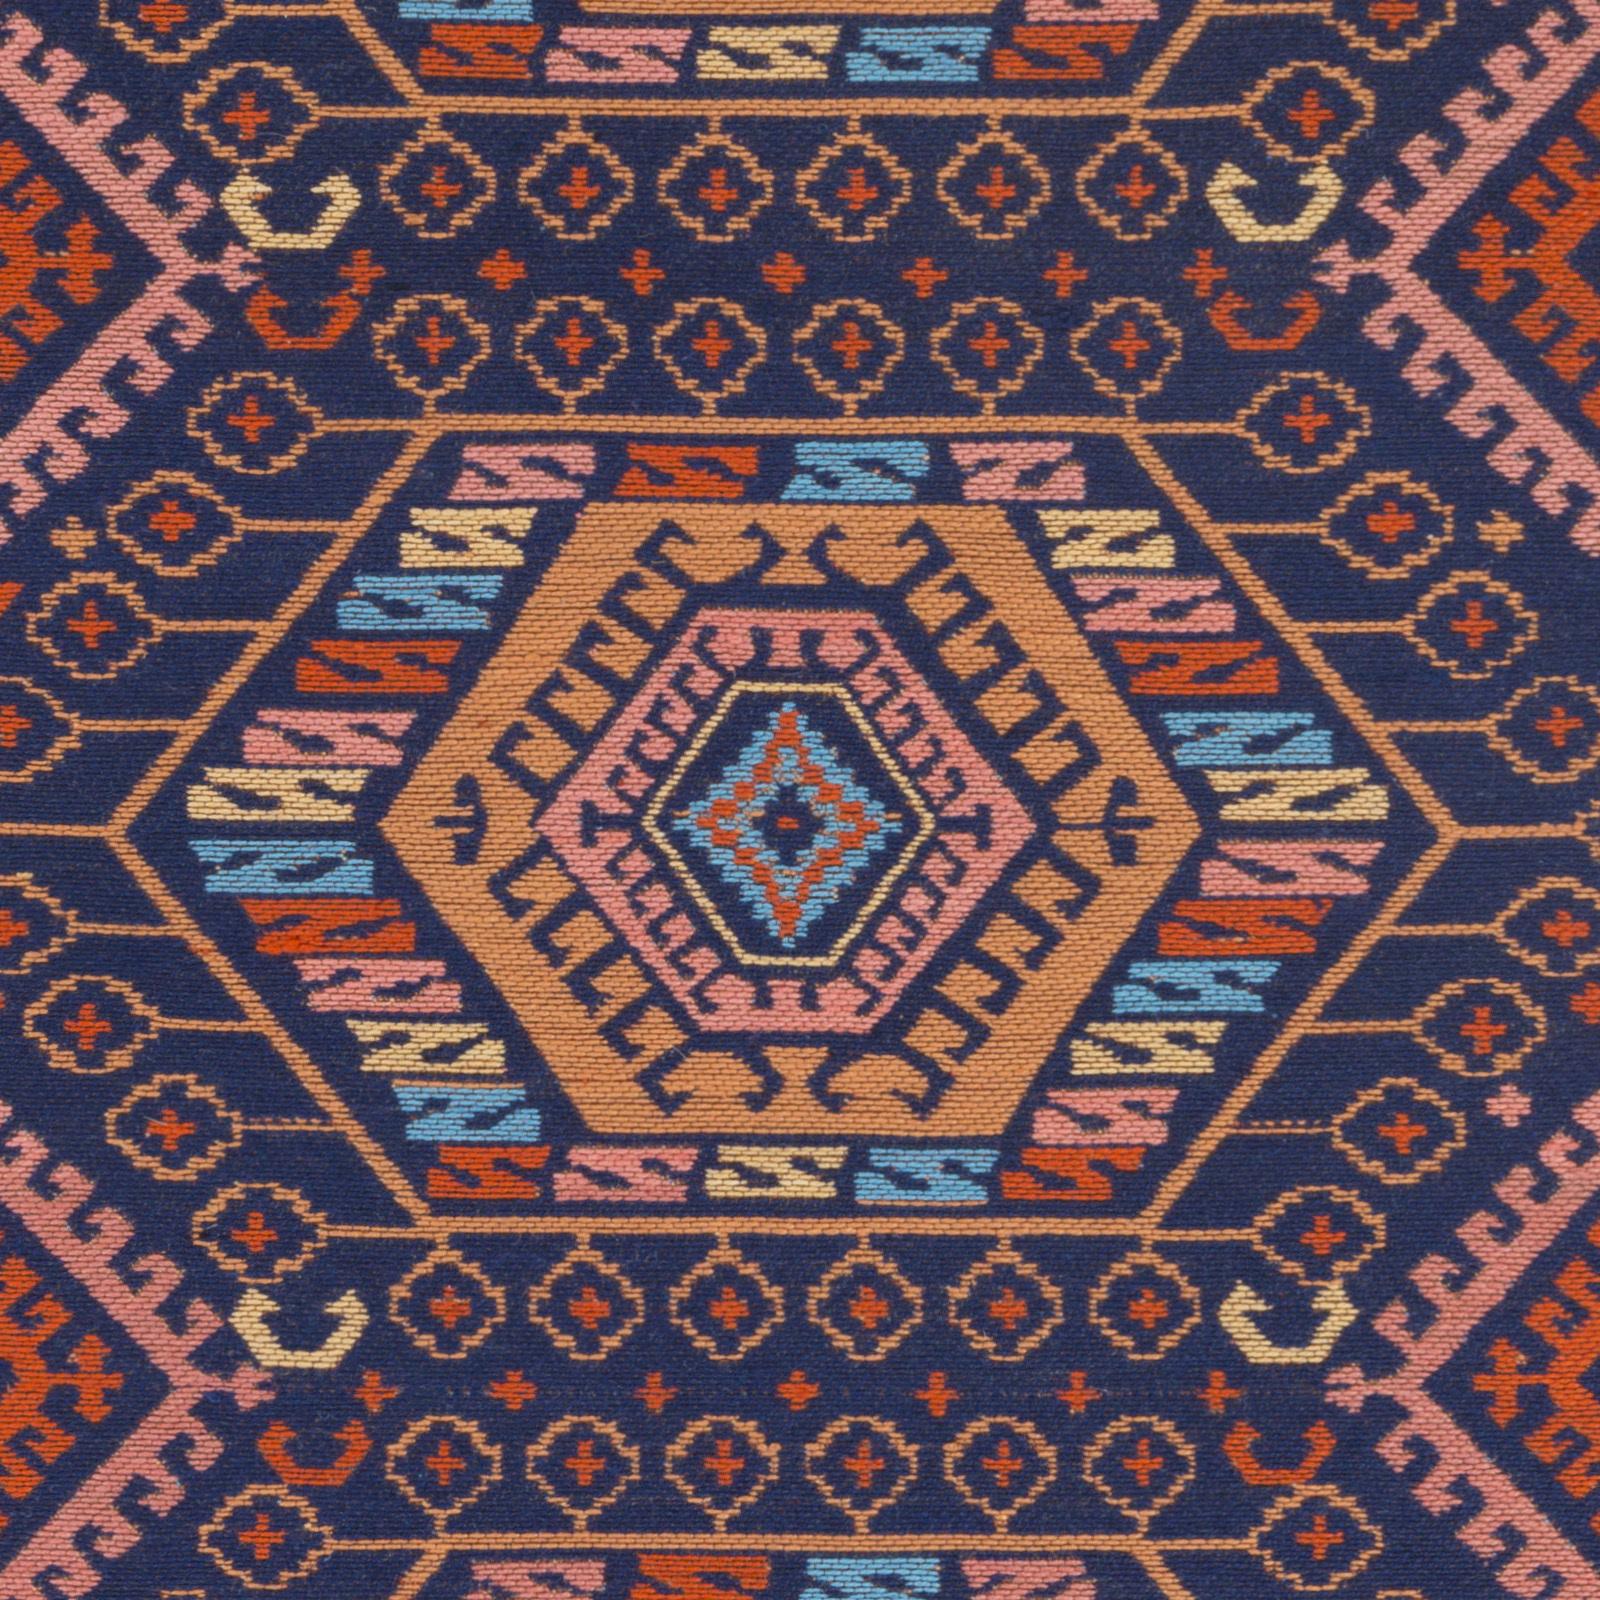 Sajal - 9' x 13' Area Rug